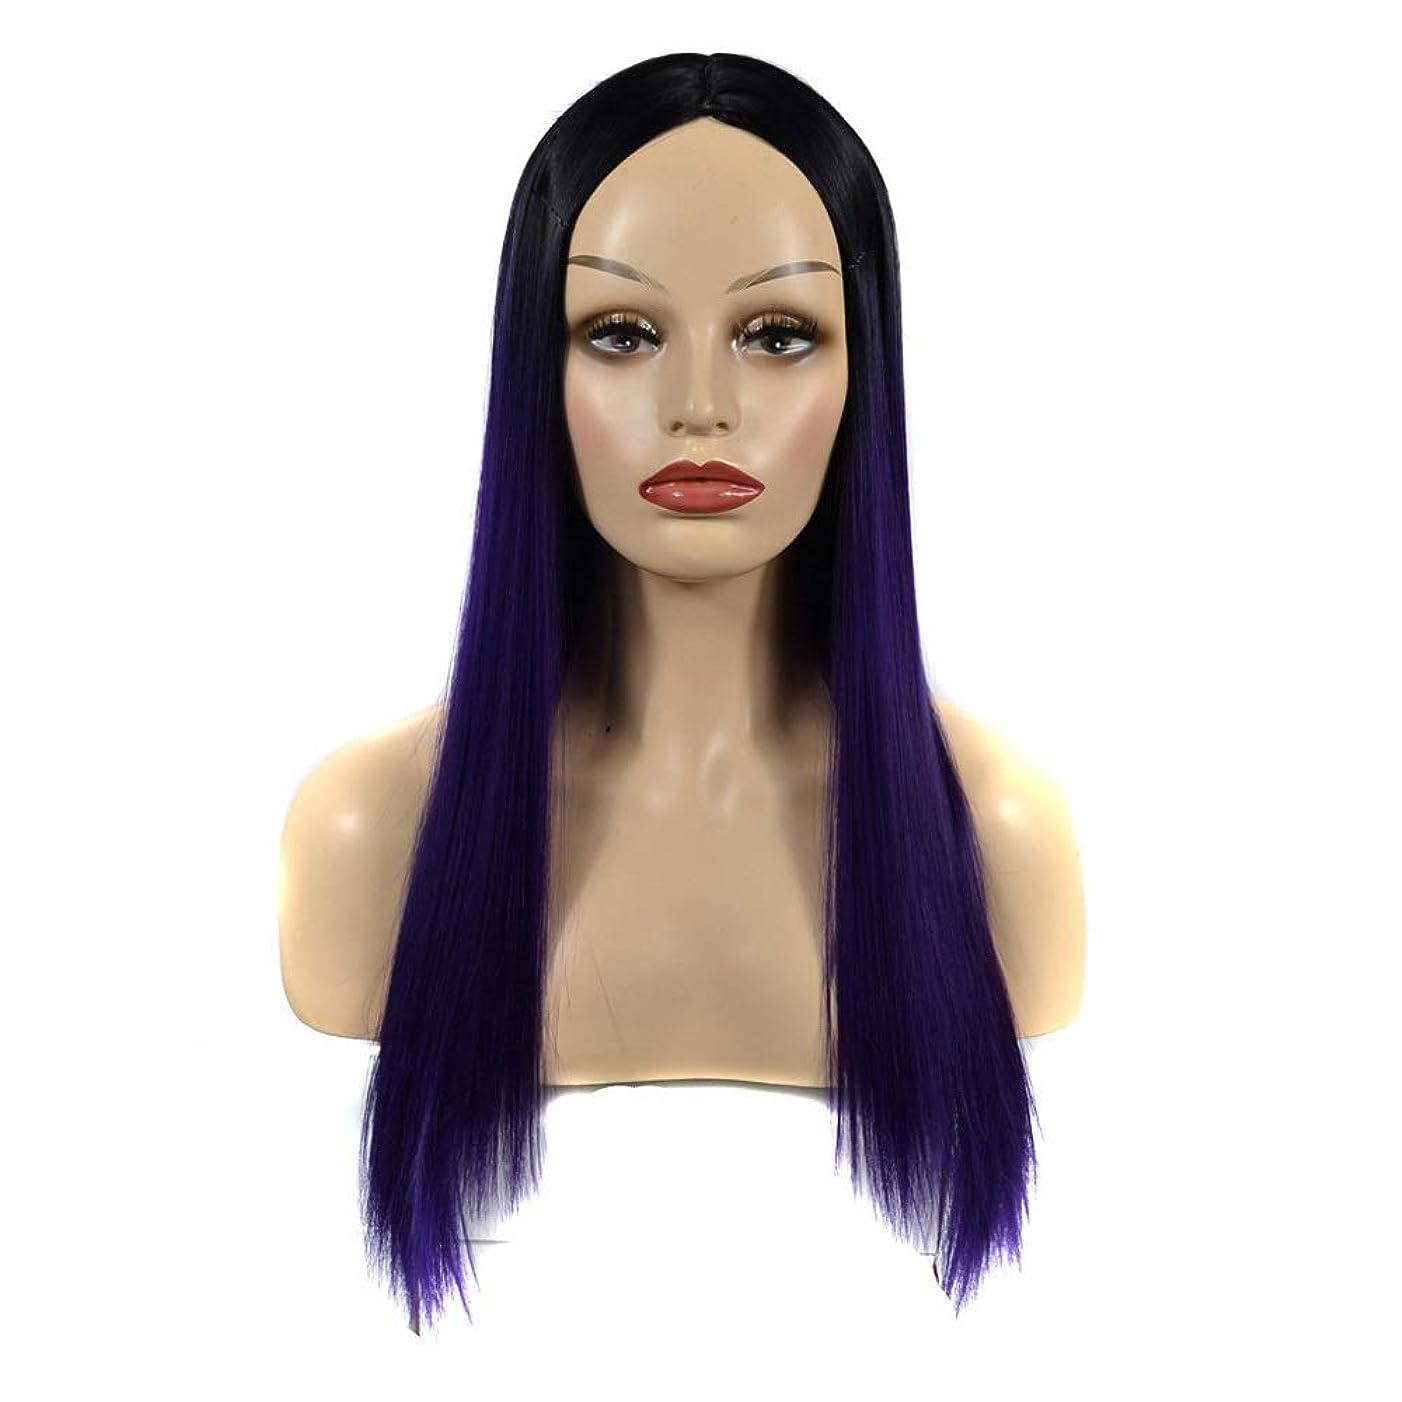 豆消える関連付けるBOBIDYEE 女性の長いストレートヘアブラックグラデーショングレープパープルミドルパートウィッグデイリードレスパーティーウィッグ (色 : ダークパープル, サイズ : 60cm)